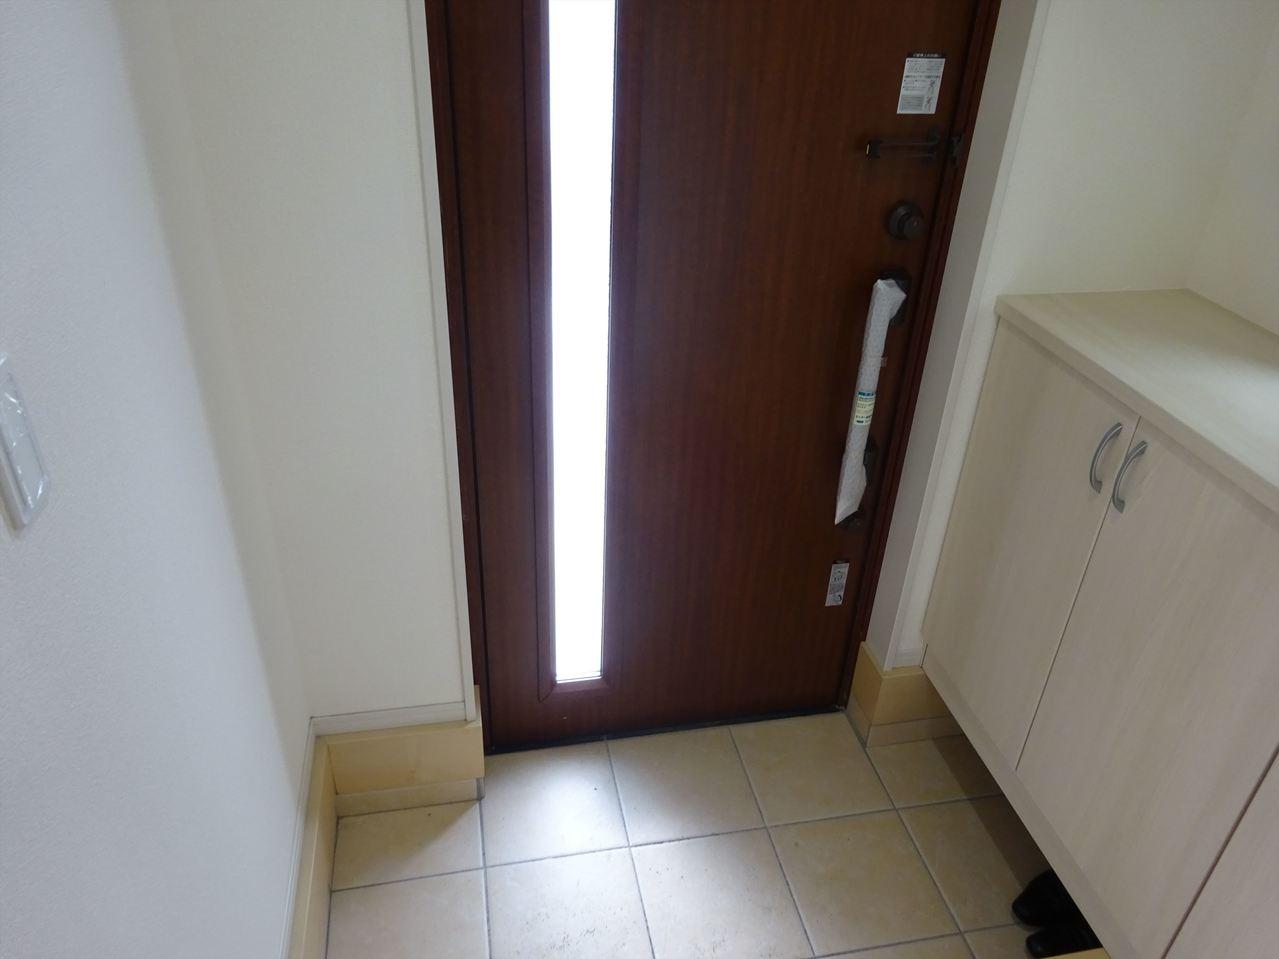 玄関収納、たっぷり収納できます。ホールも広々開放感がある玄関!